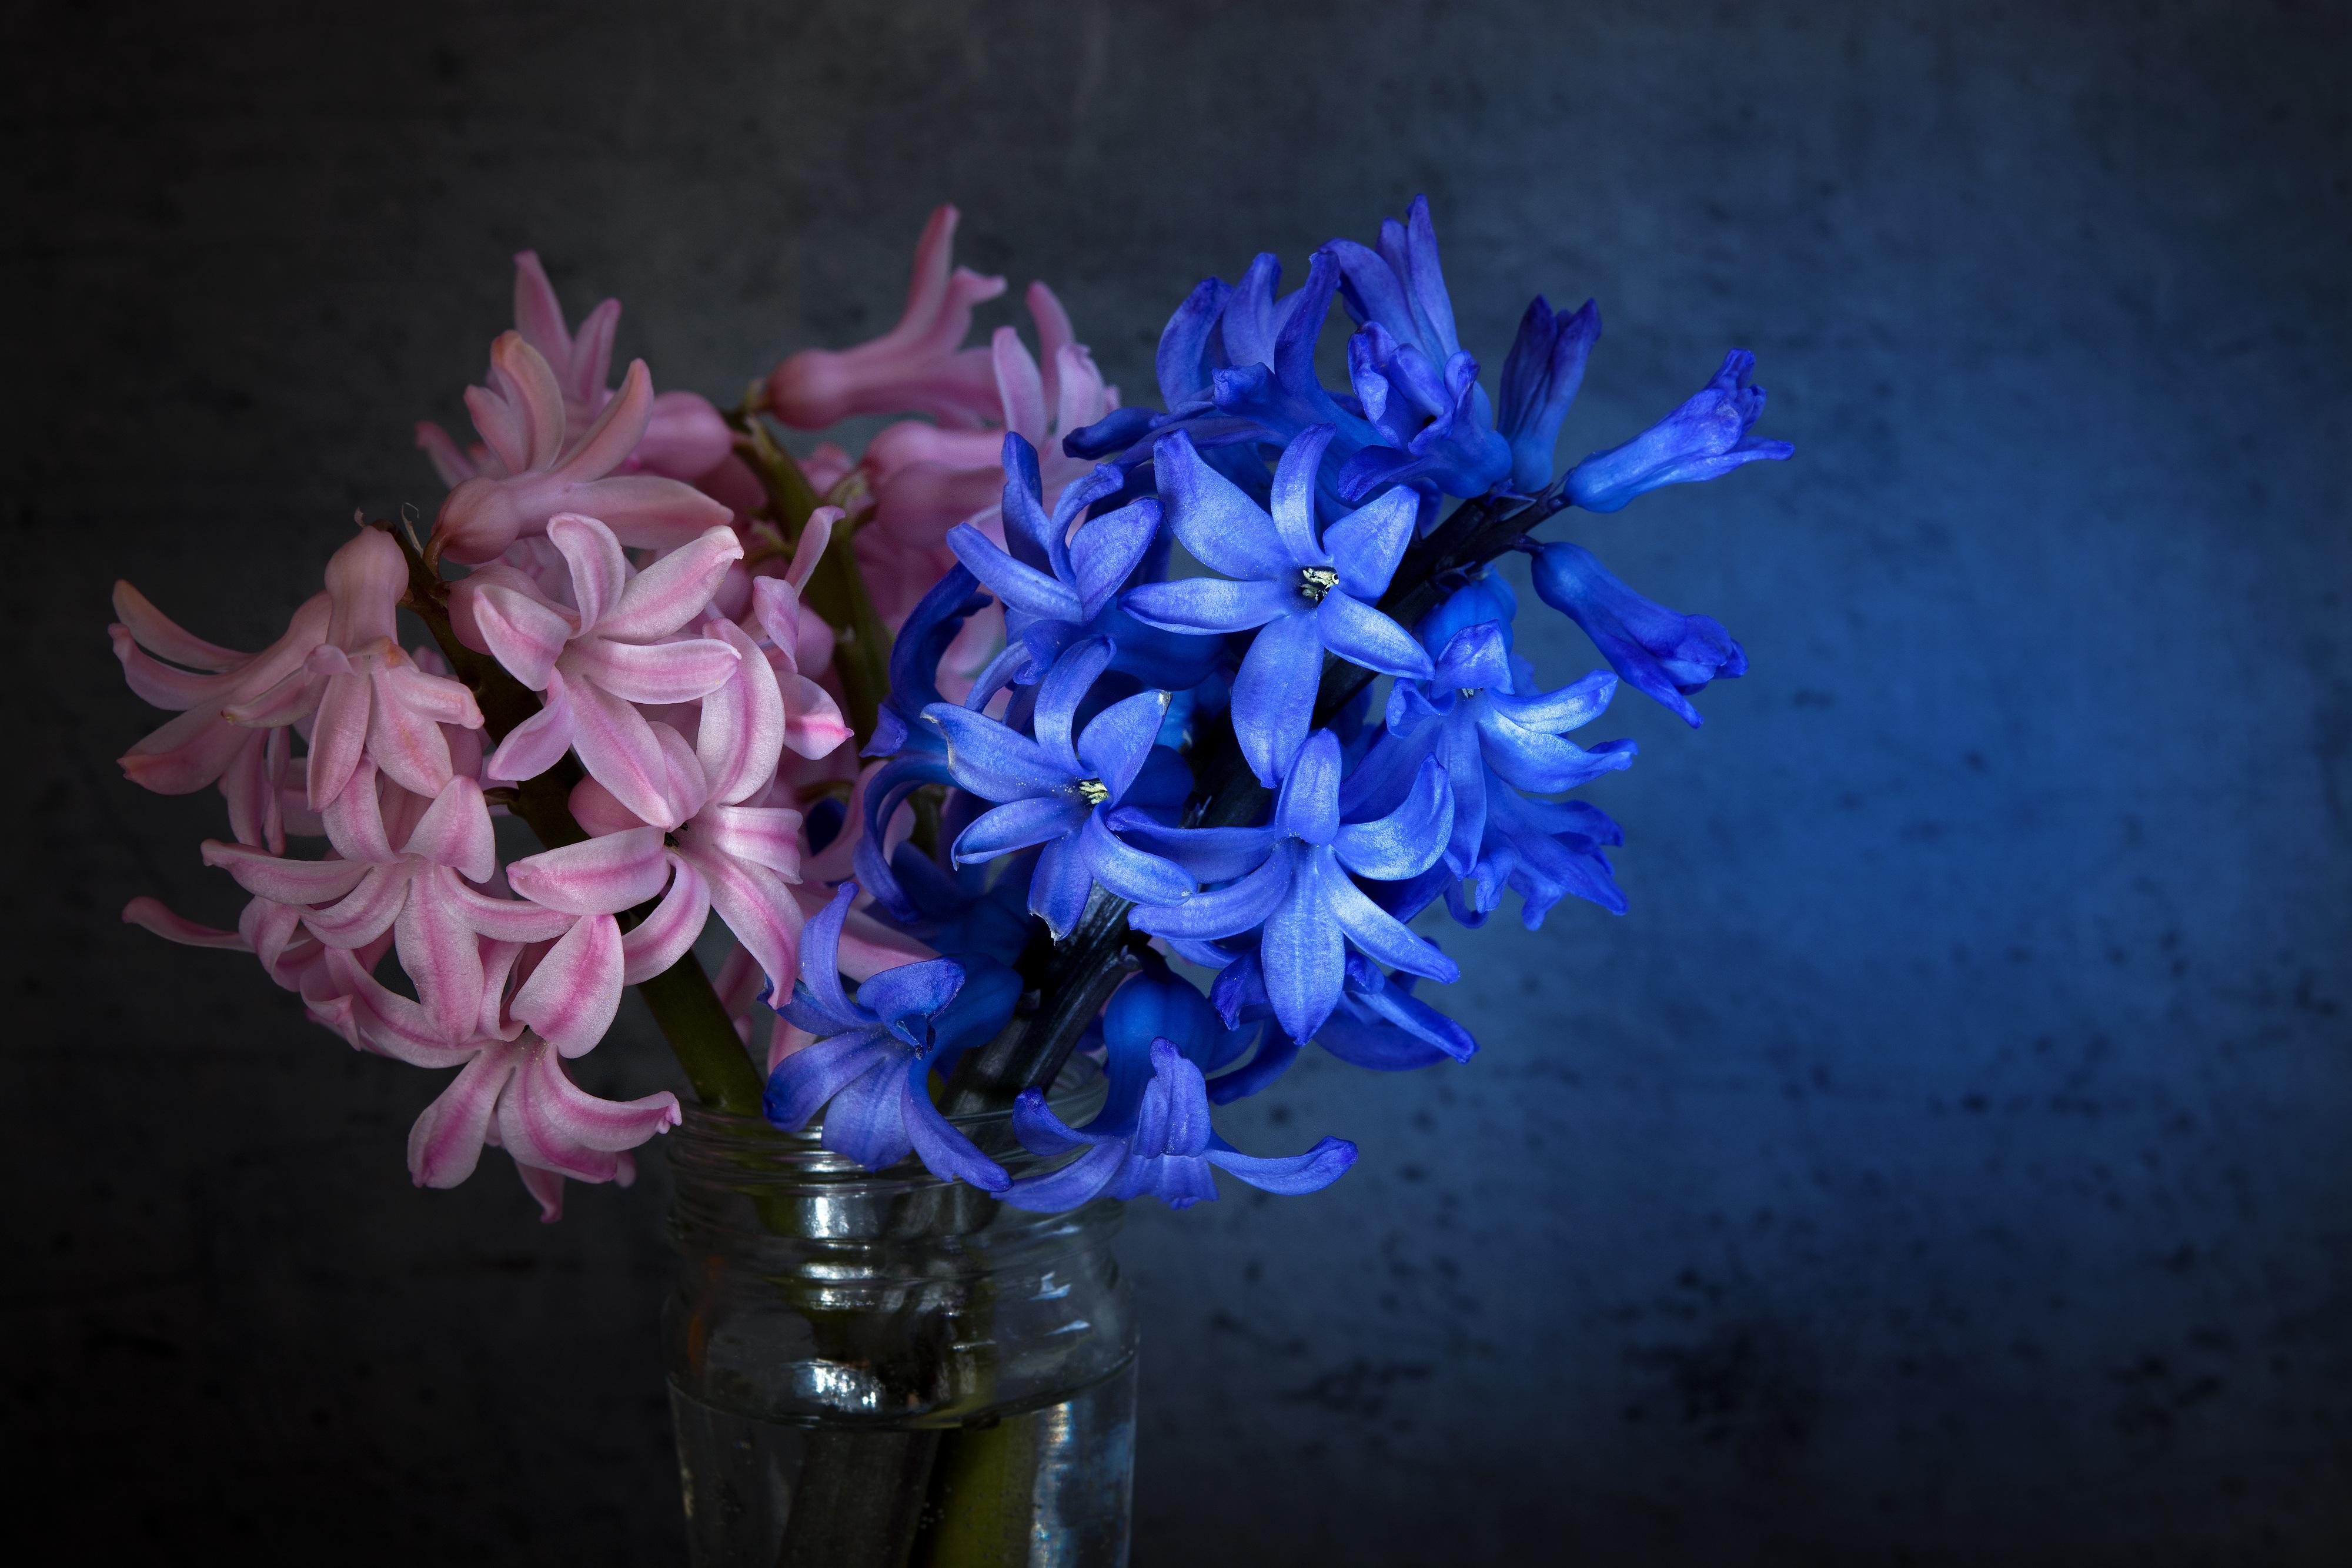 Free Images : petal, glass, vase, blue, pink, close, flora, still ...